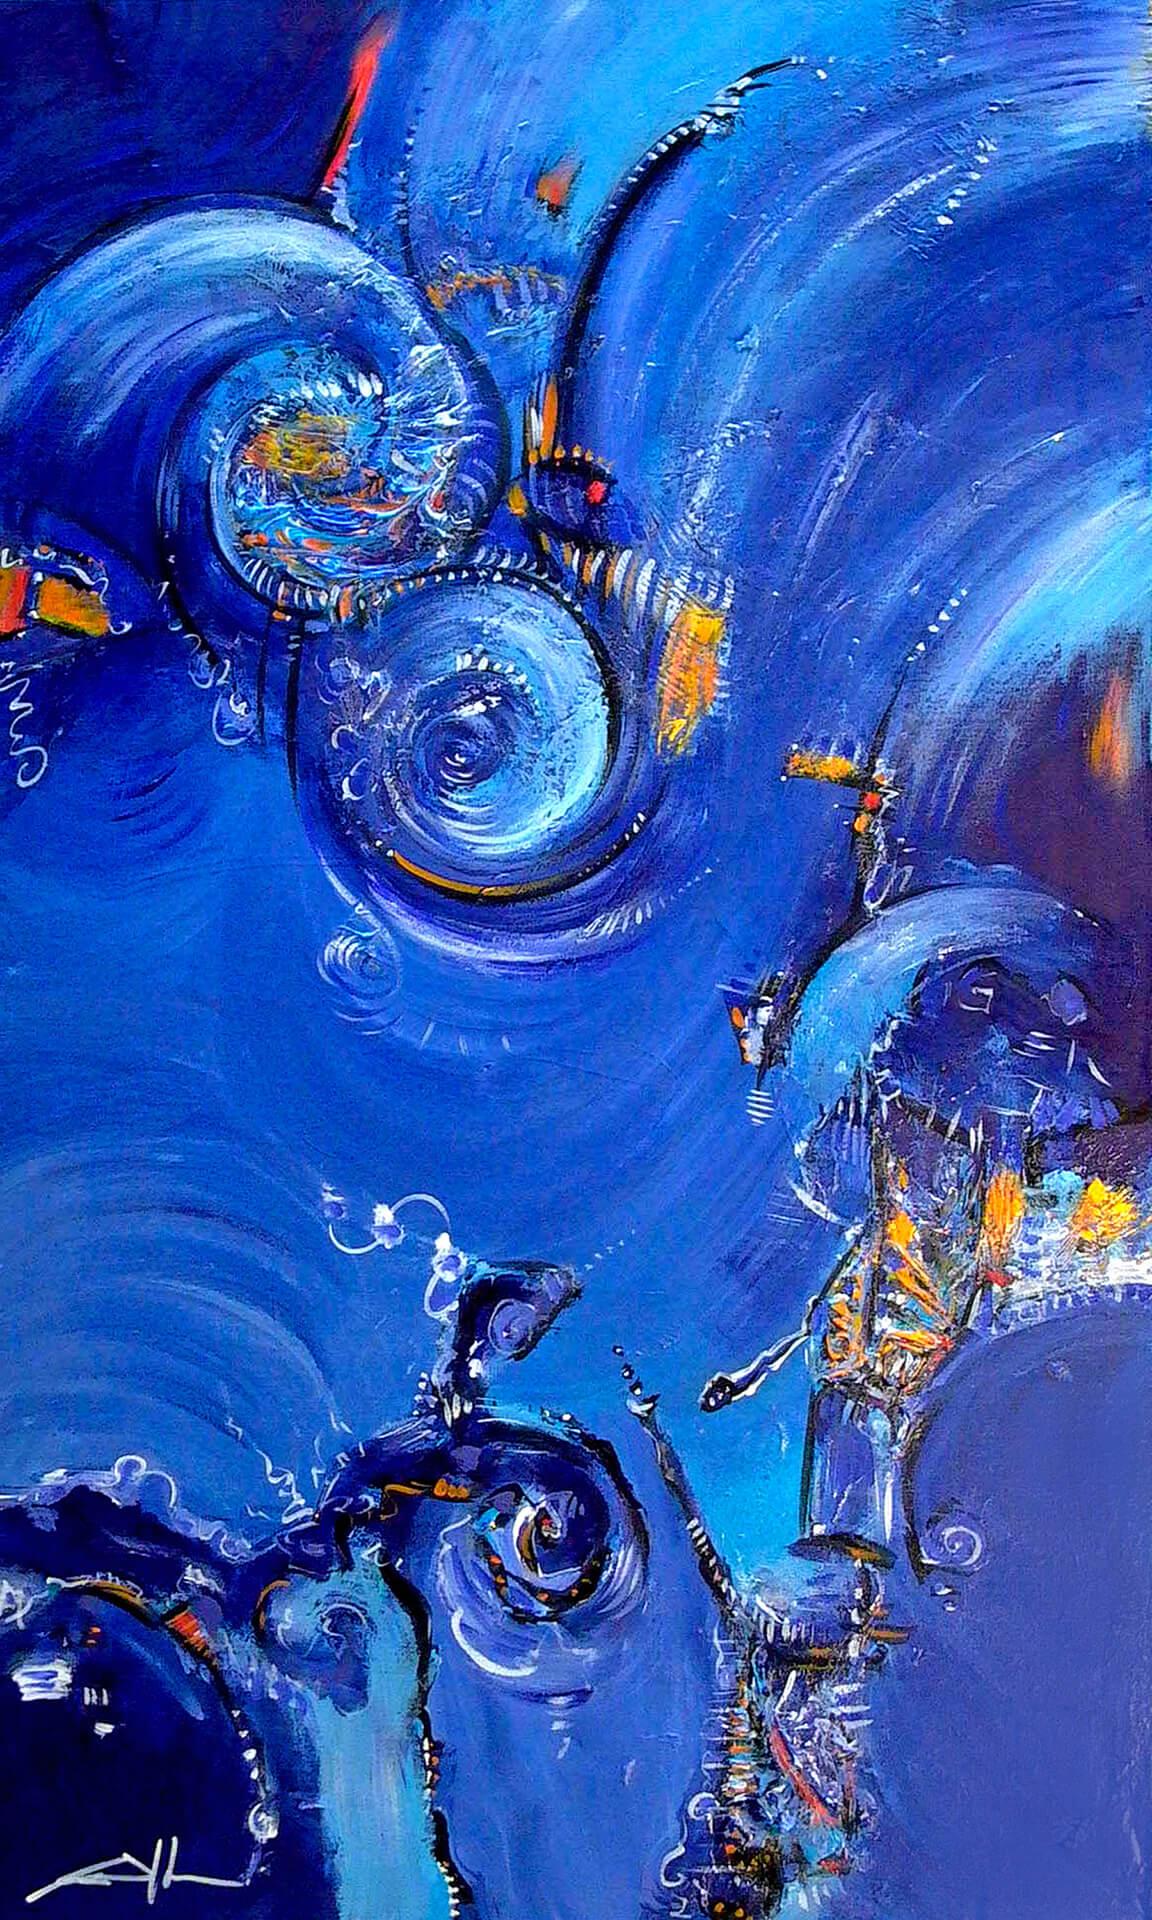 art-eric-j-hughes-artiste-peintre-canadien-tableau-delirium-atteindre-l-indigo